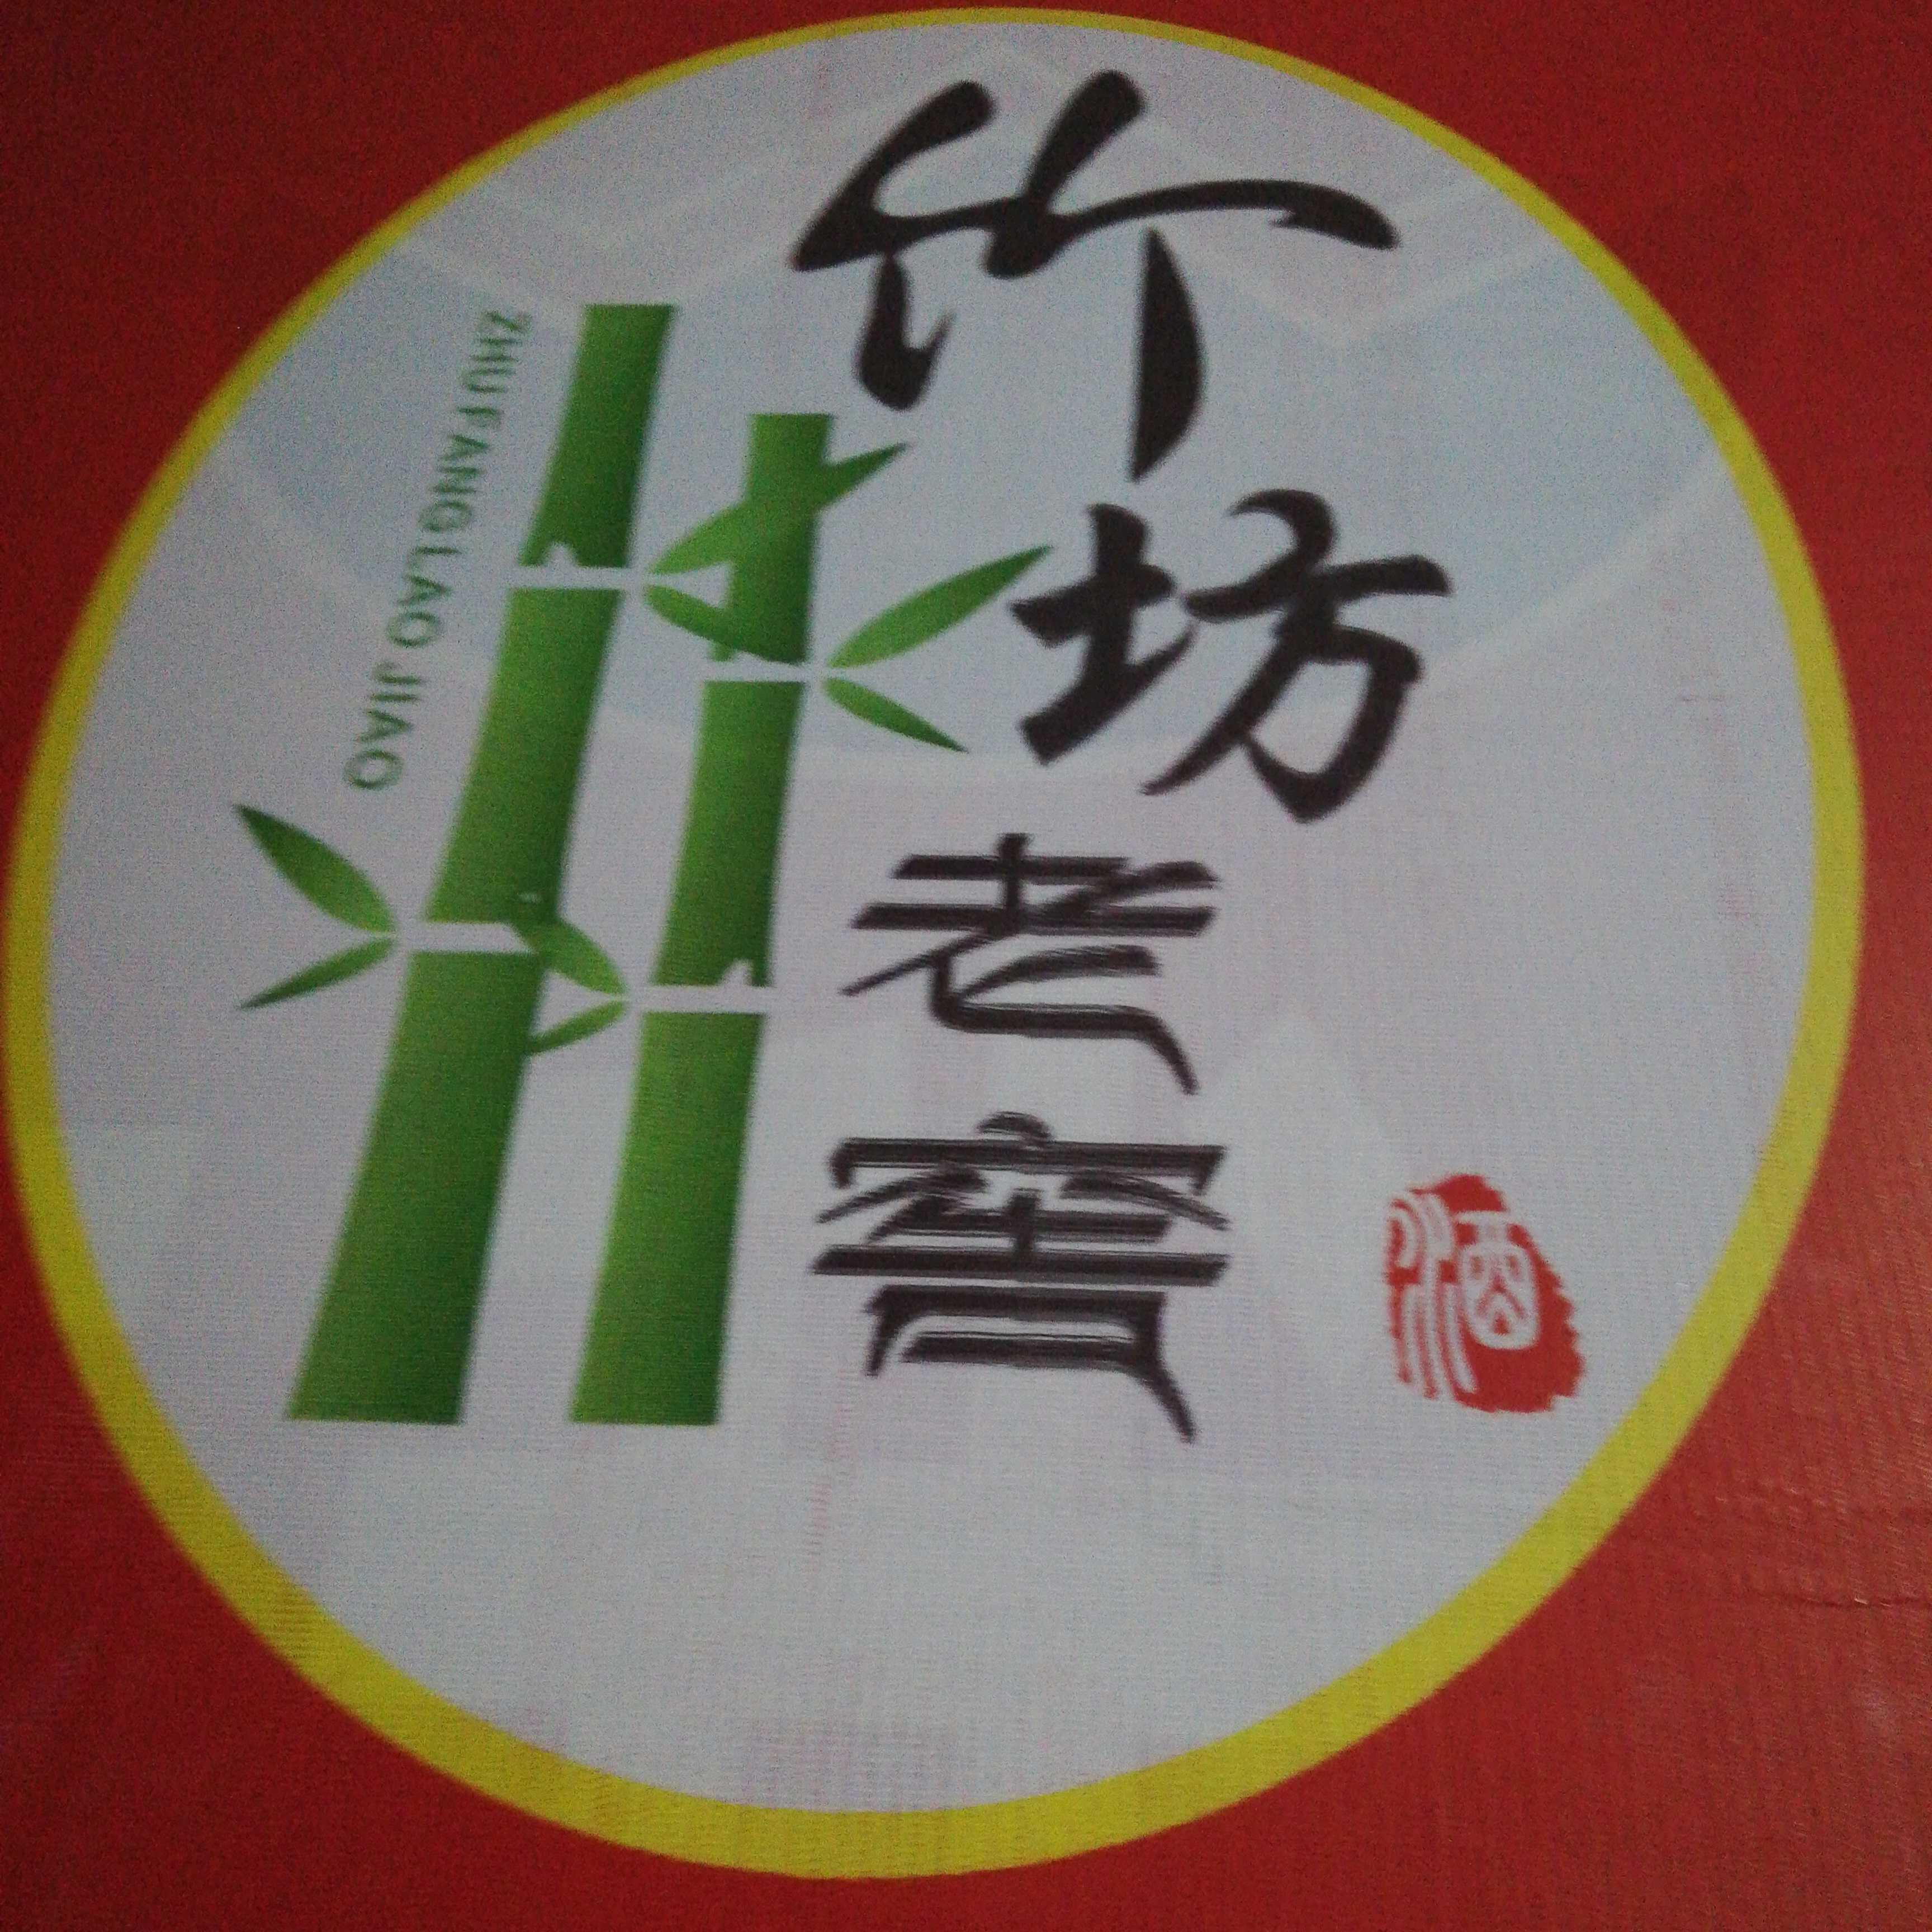 重庆竹坊酒厂